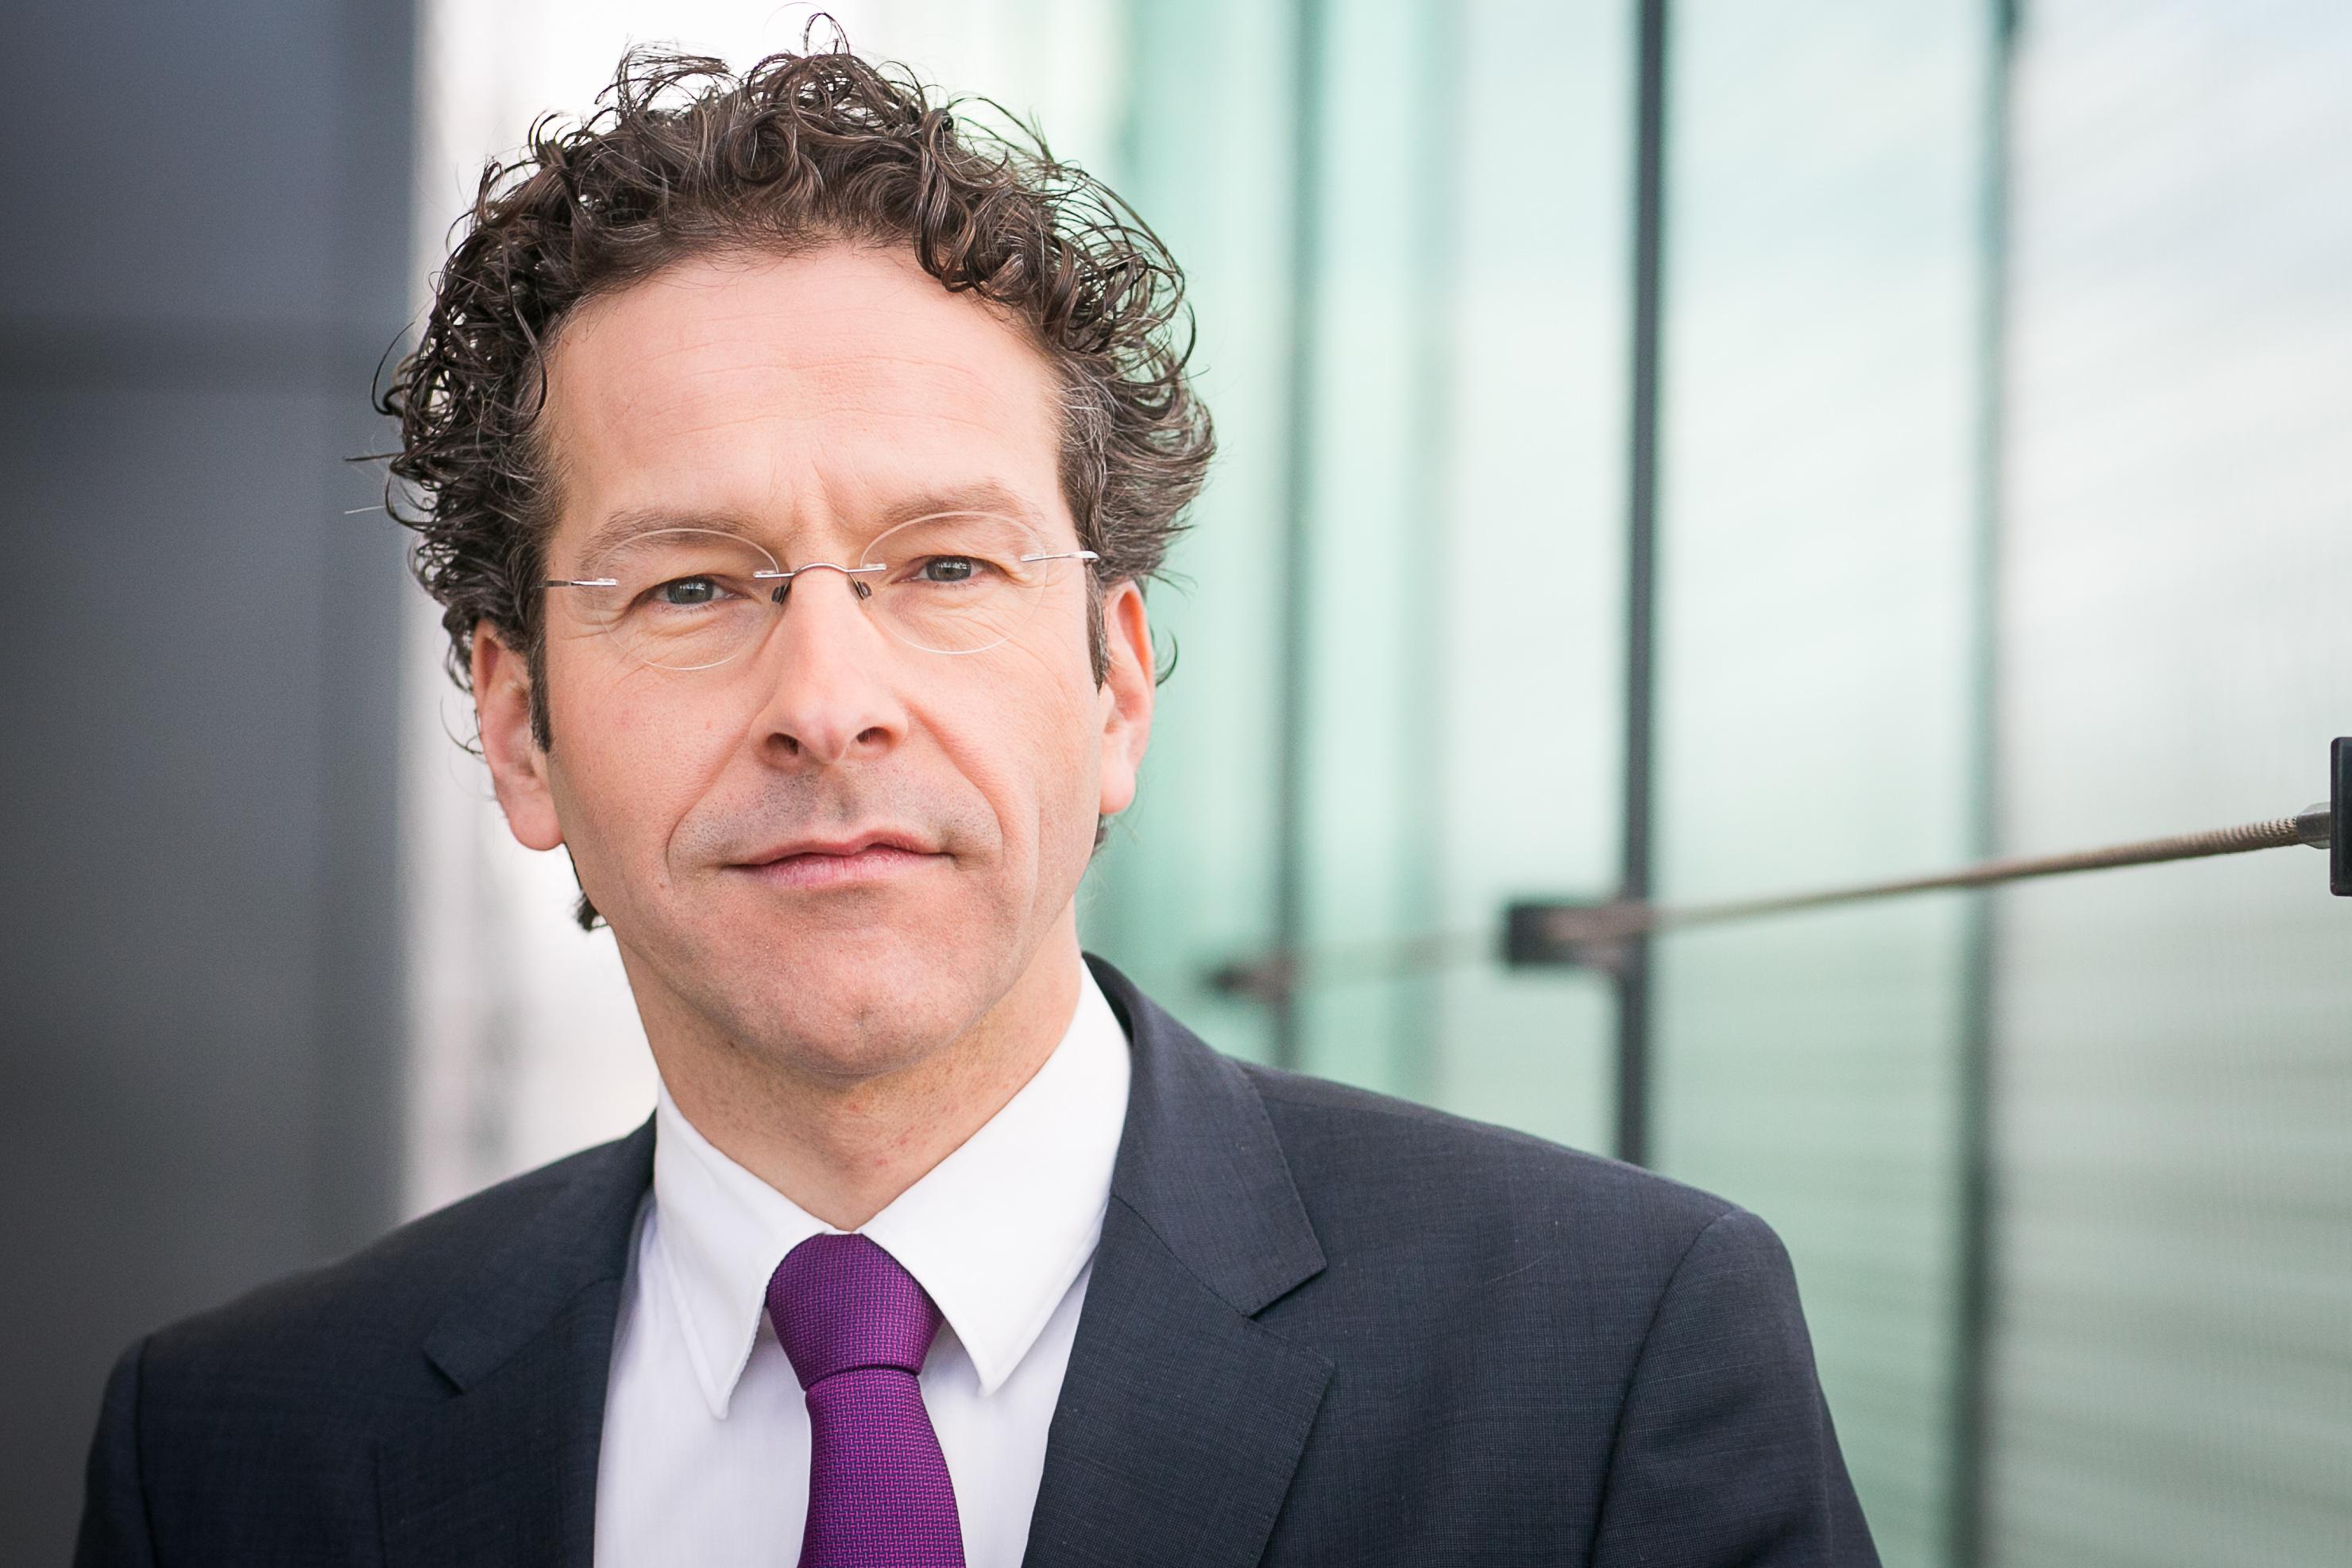 Jeroen Dijsselbloem earned a  million dollar salary - leaving the net worth at 0.8 million in 2018